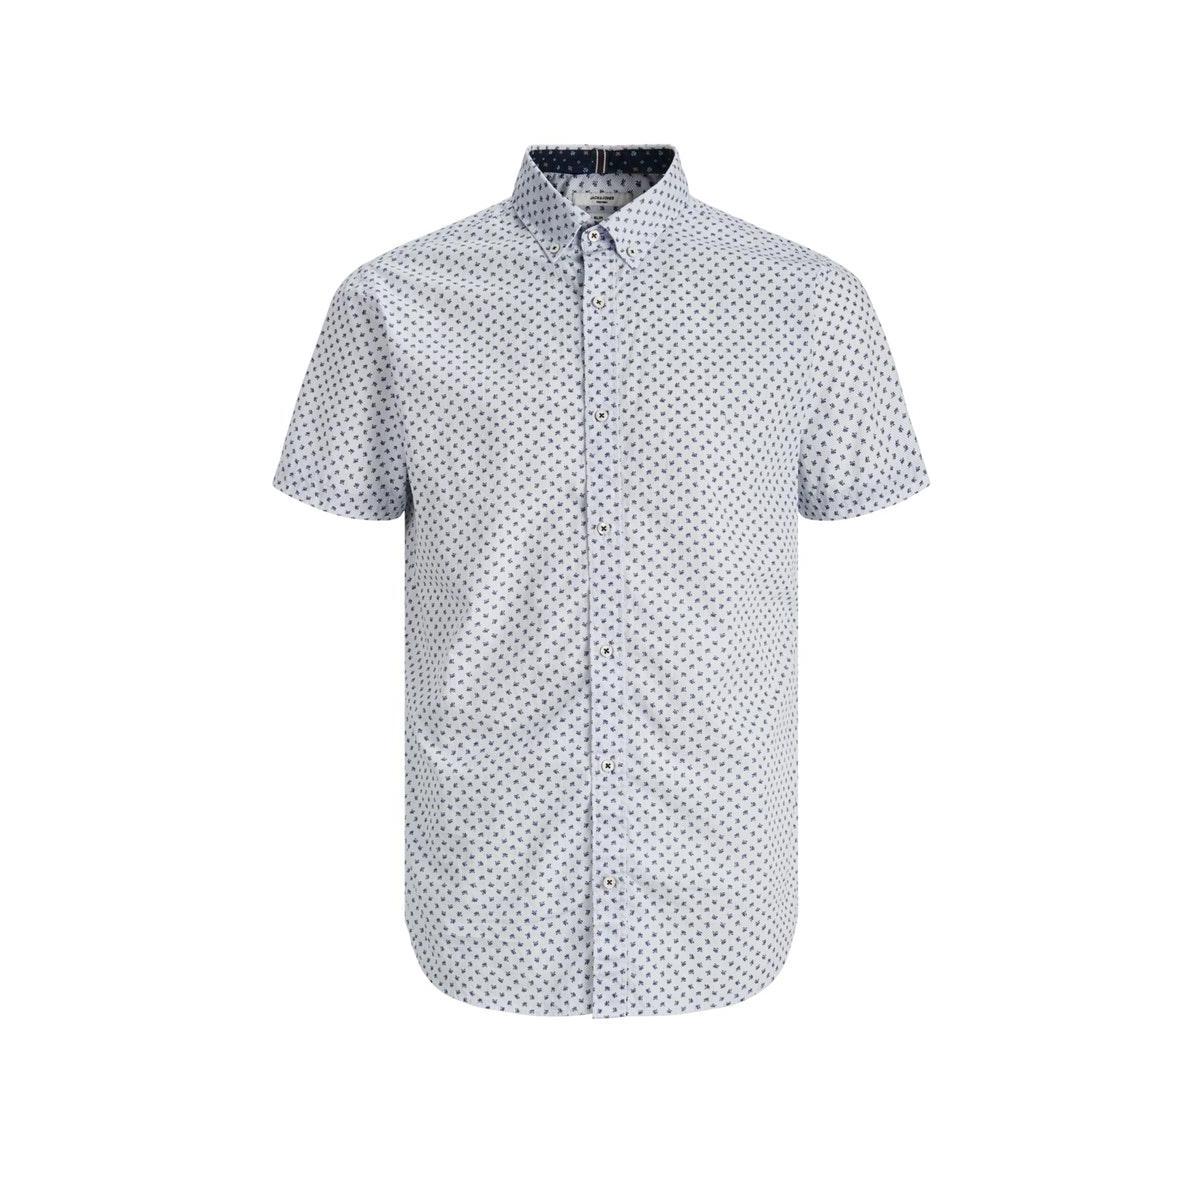 jprblapeter detail shirt s/s stretc 12170681 jack & jones overhemd white/slim fit